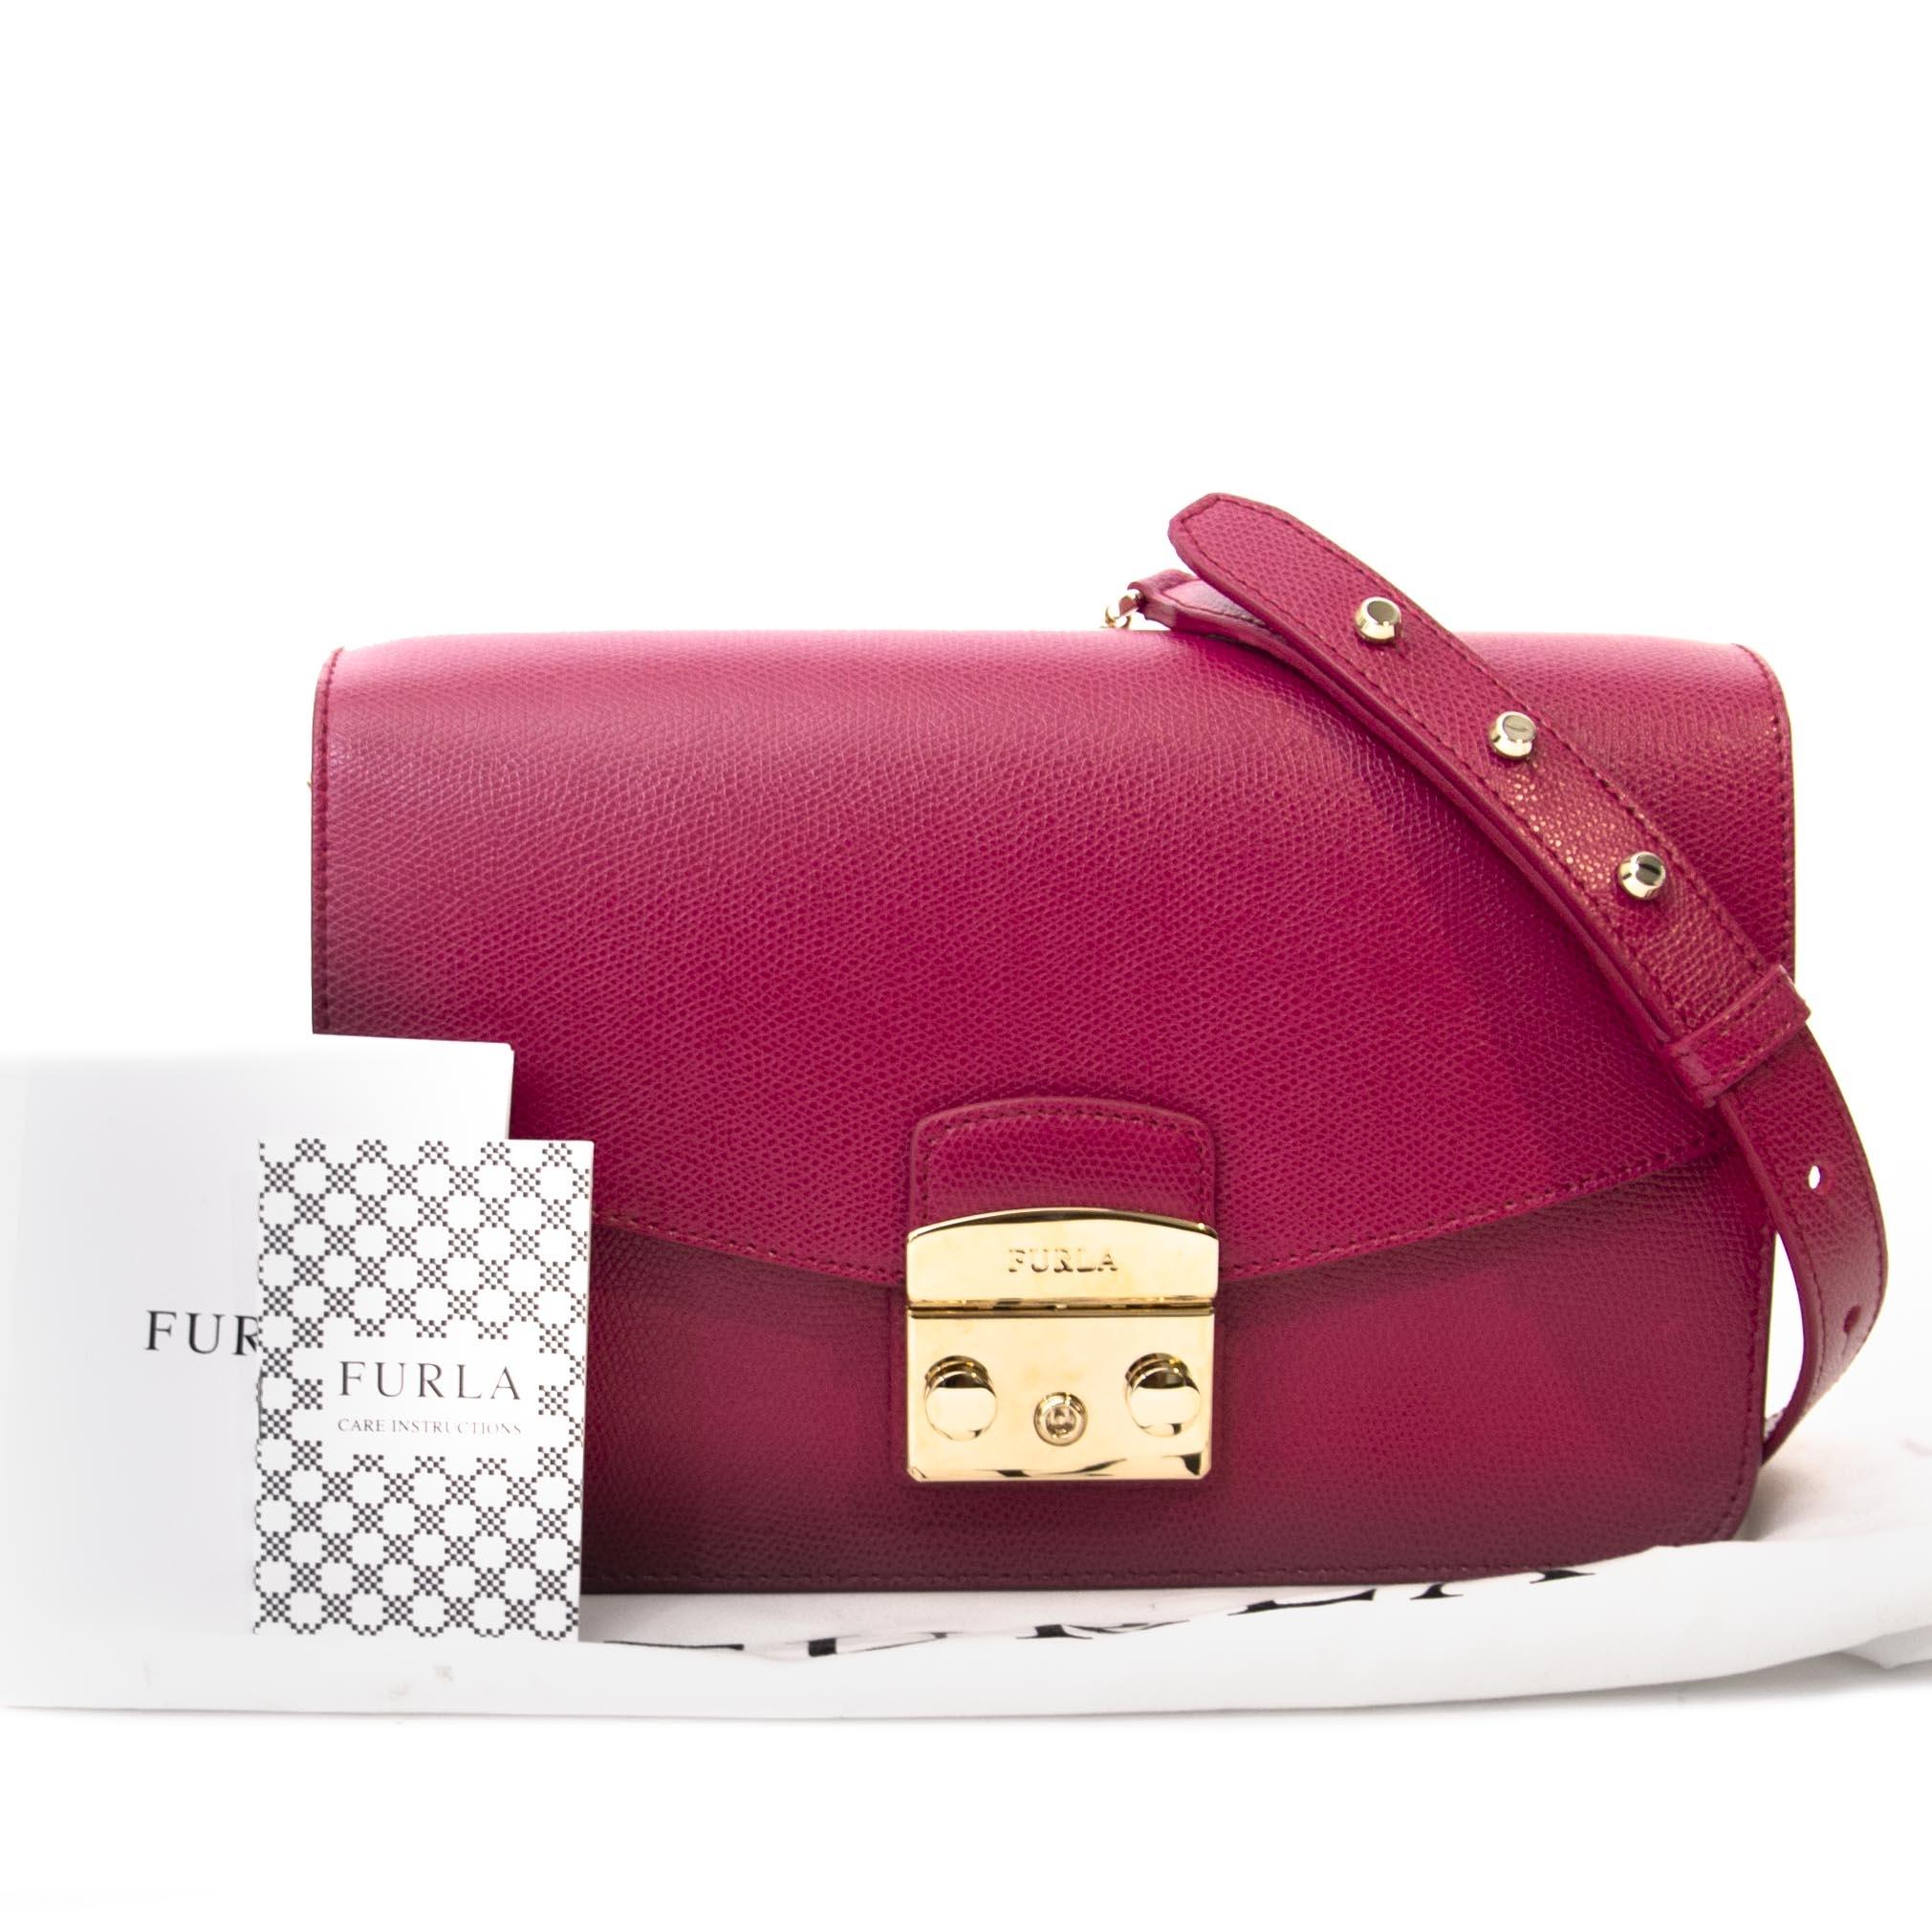 Koop tweedehands Furla schoudertas aan de juiste prijs bij LabelLOV vintage webshop